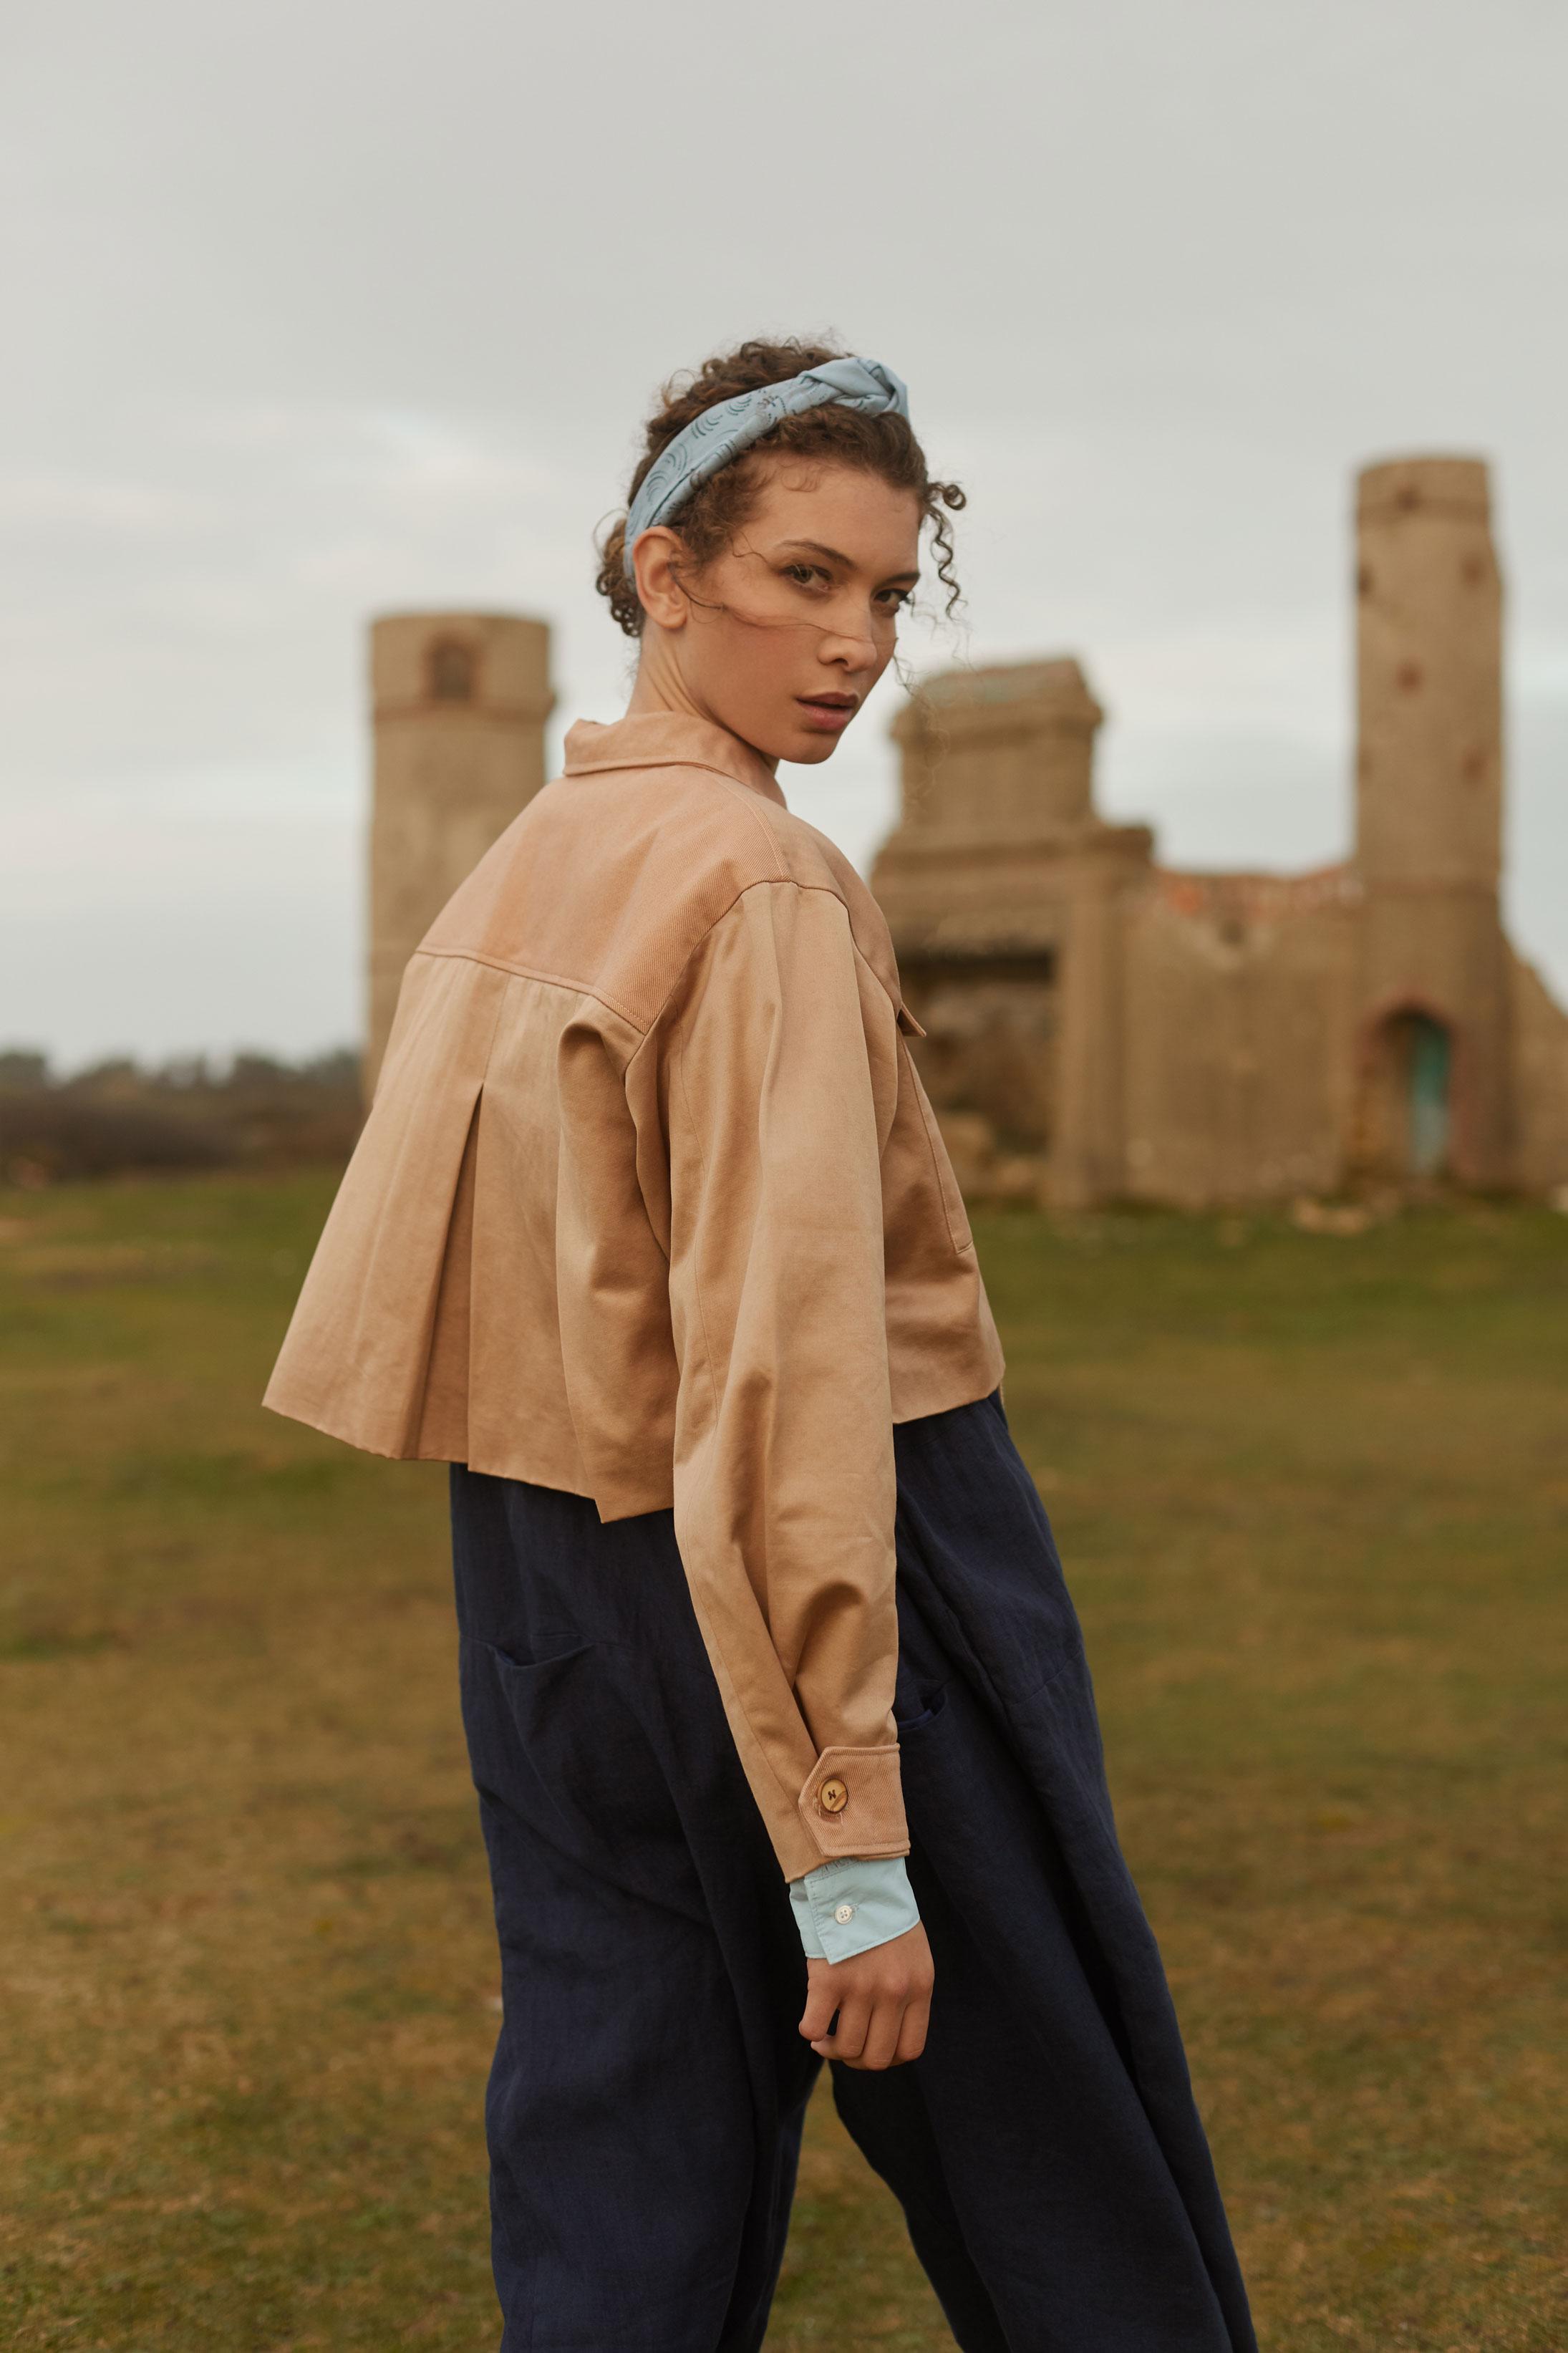 photographe mode pour marque pret à porter haut de gamme en bretagne